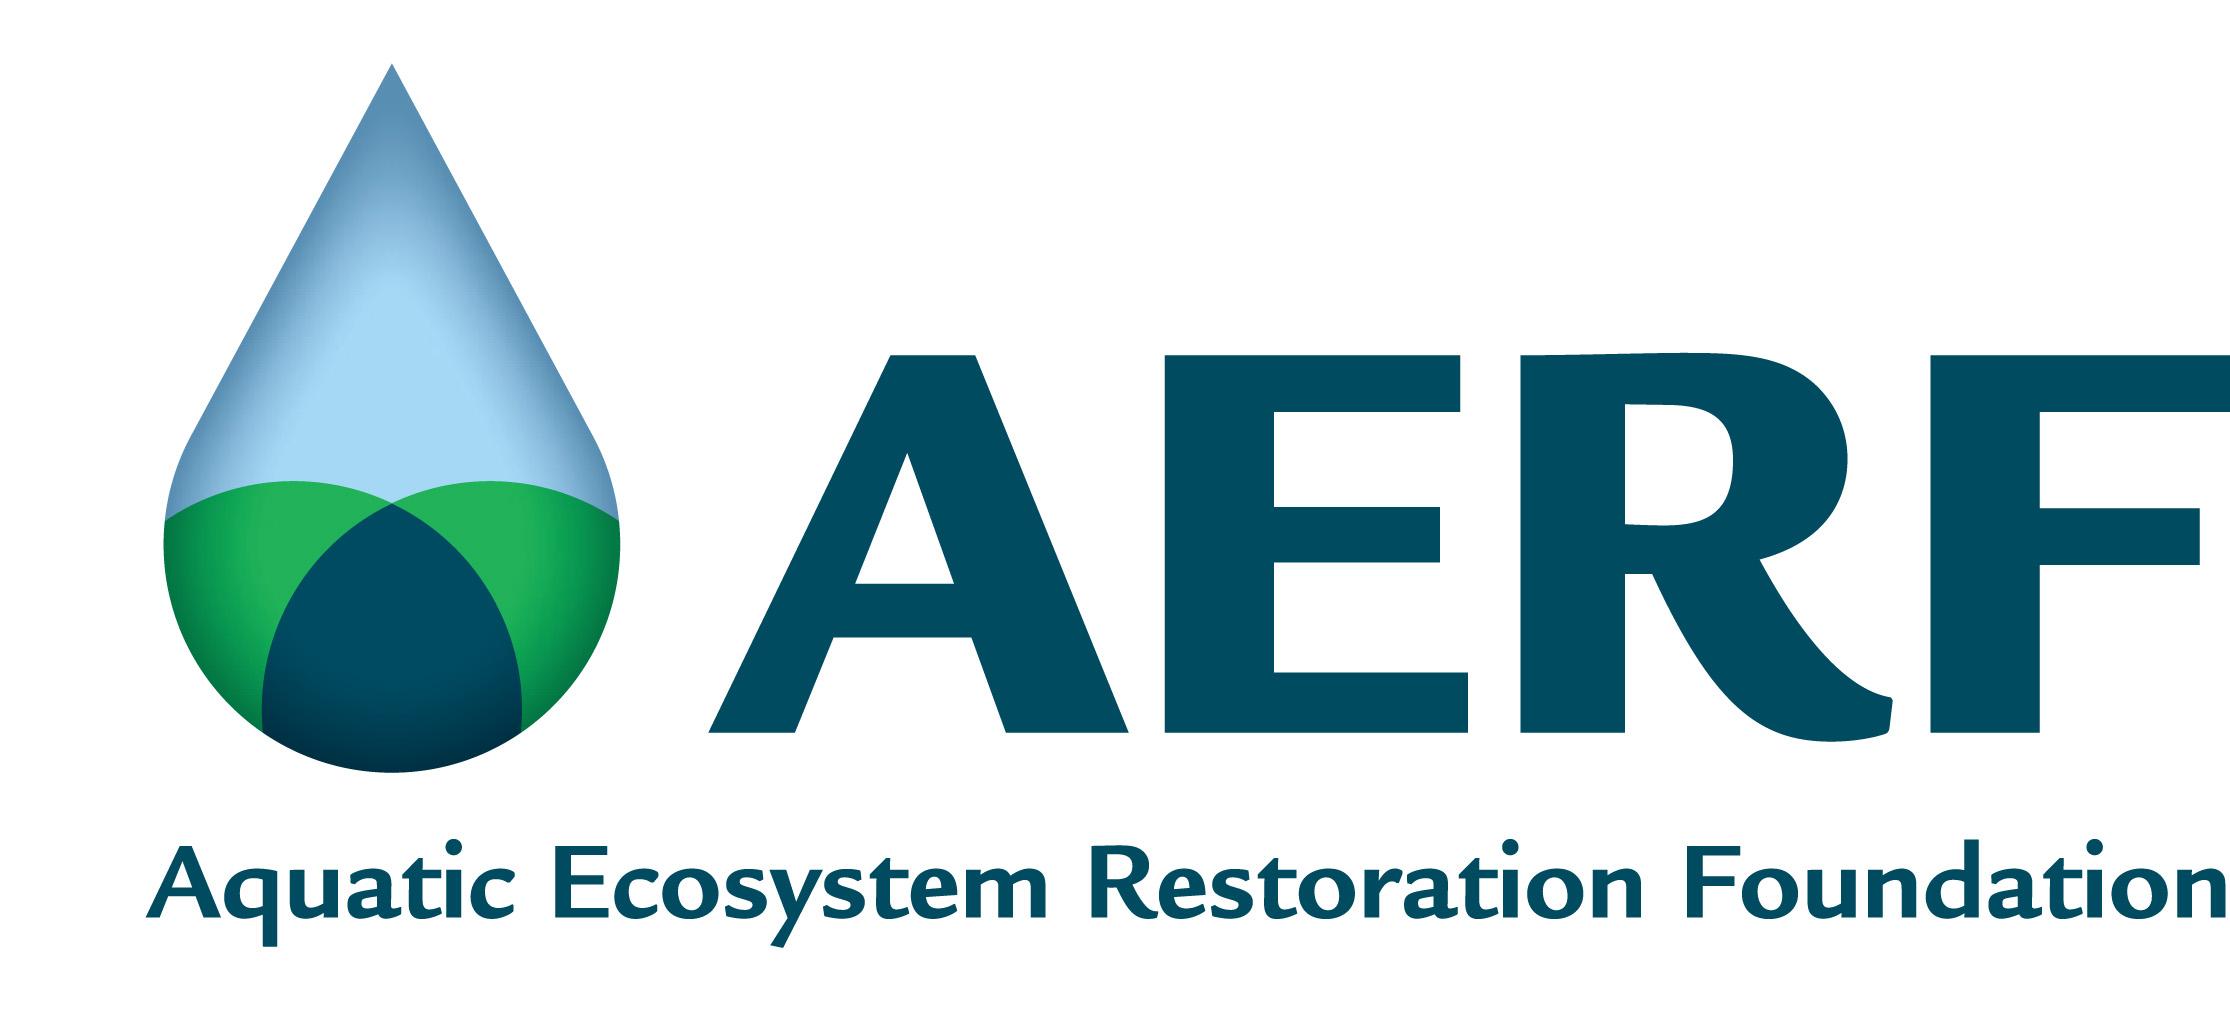 Aquatic Ecosystem Restoration Foundation